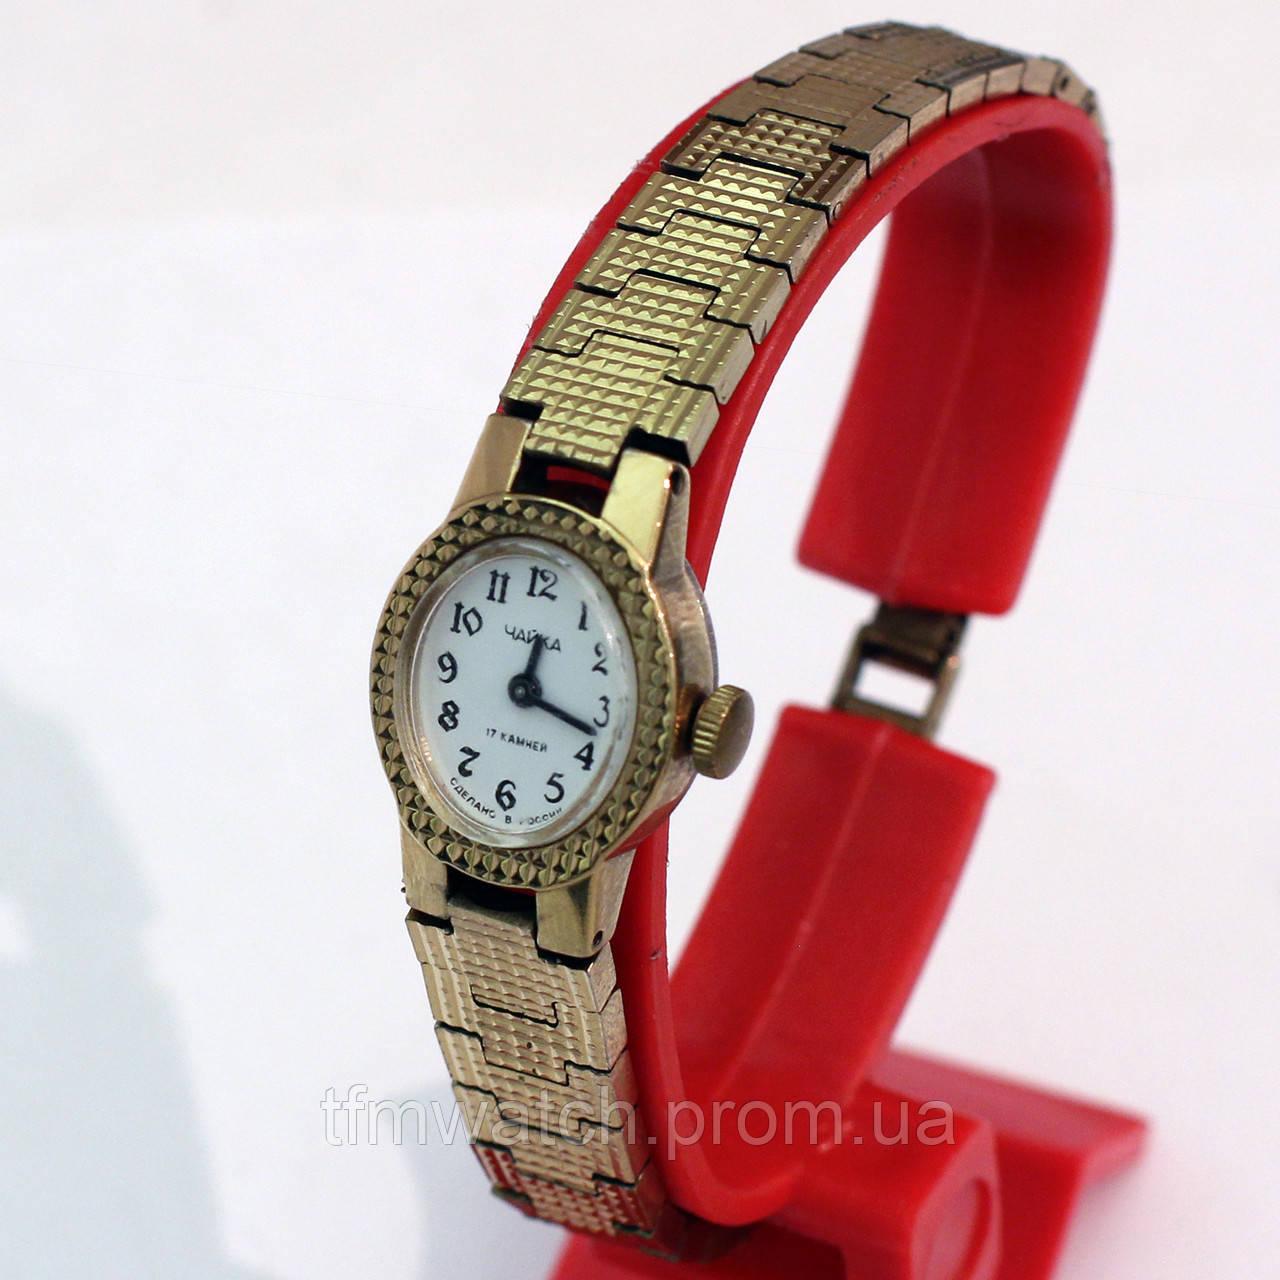 Чайка женские часы России